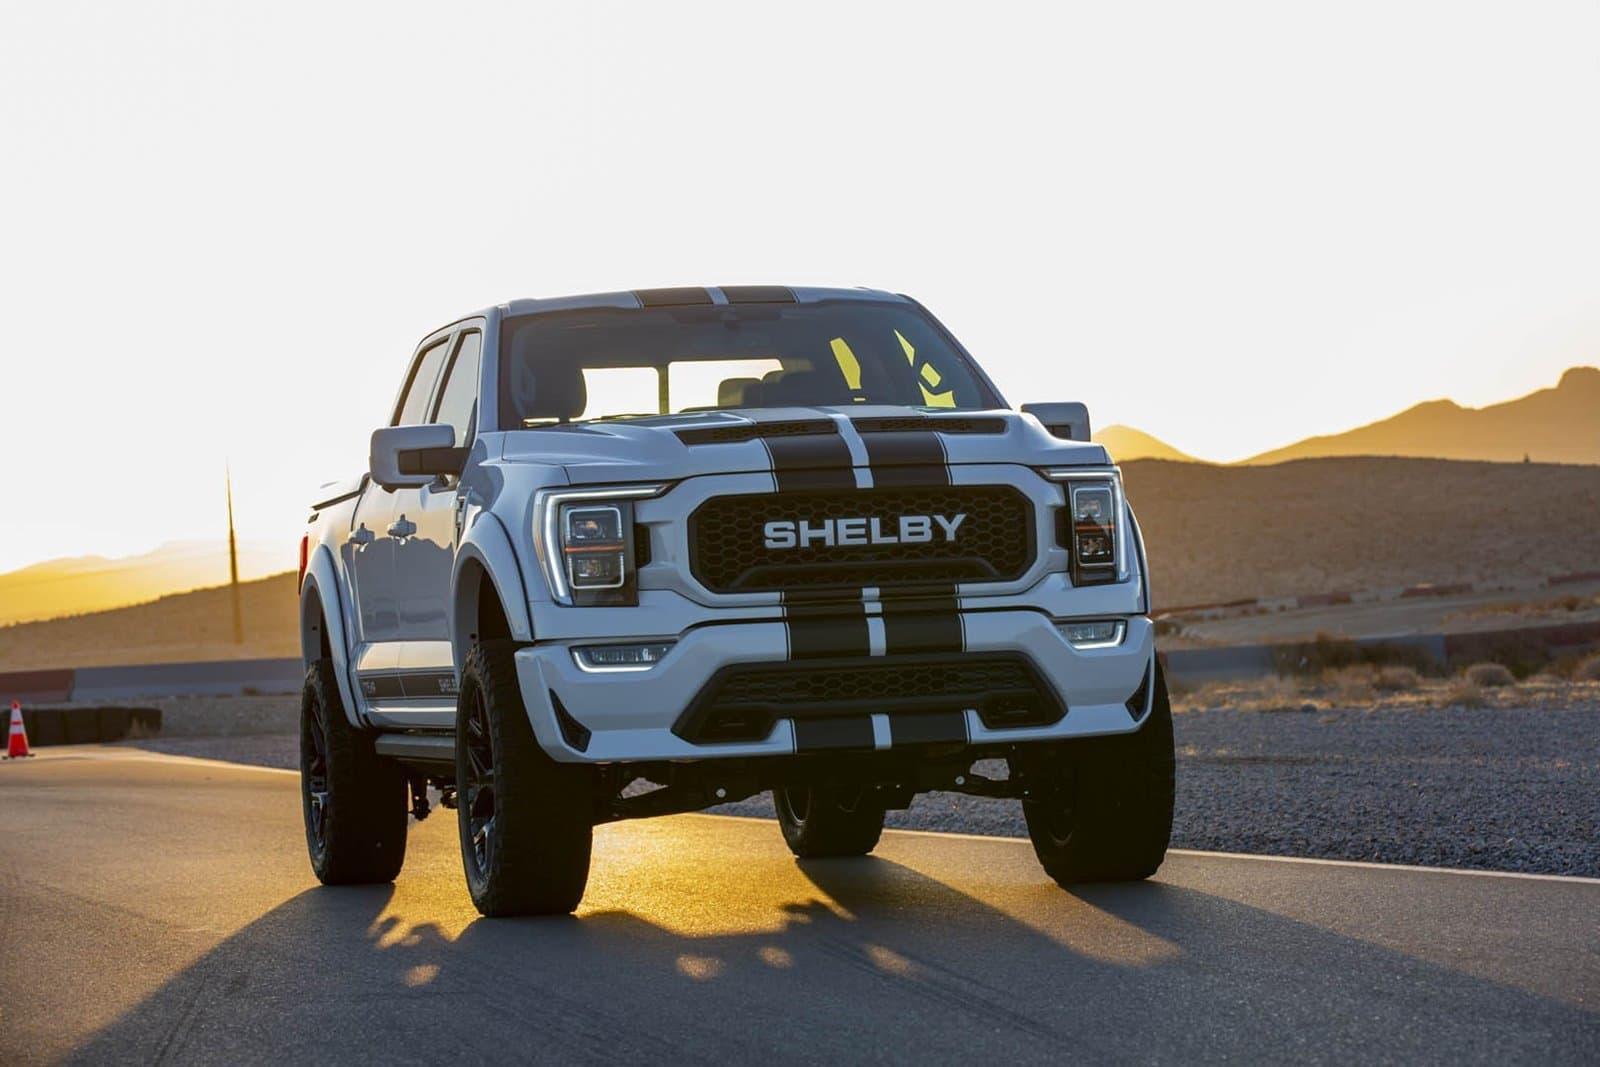 El Shelby F-150 2021 luce un aspecto imponente